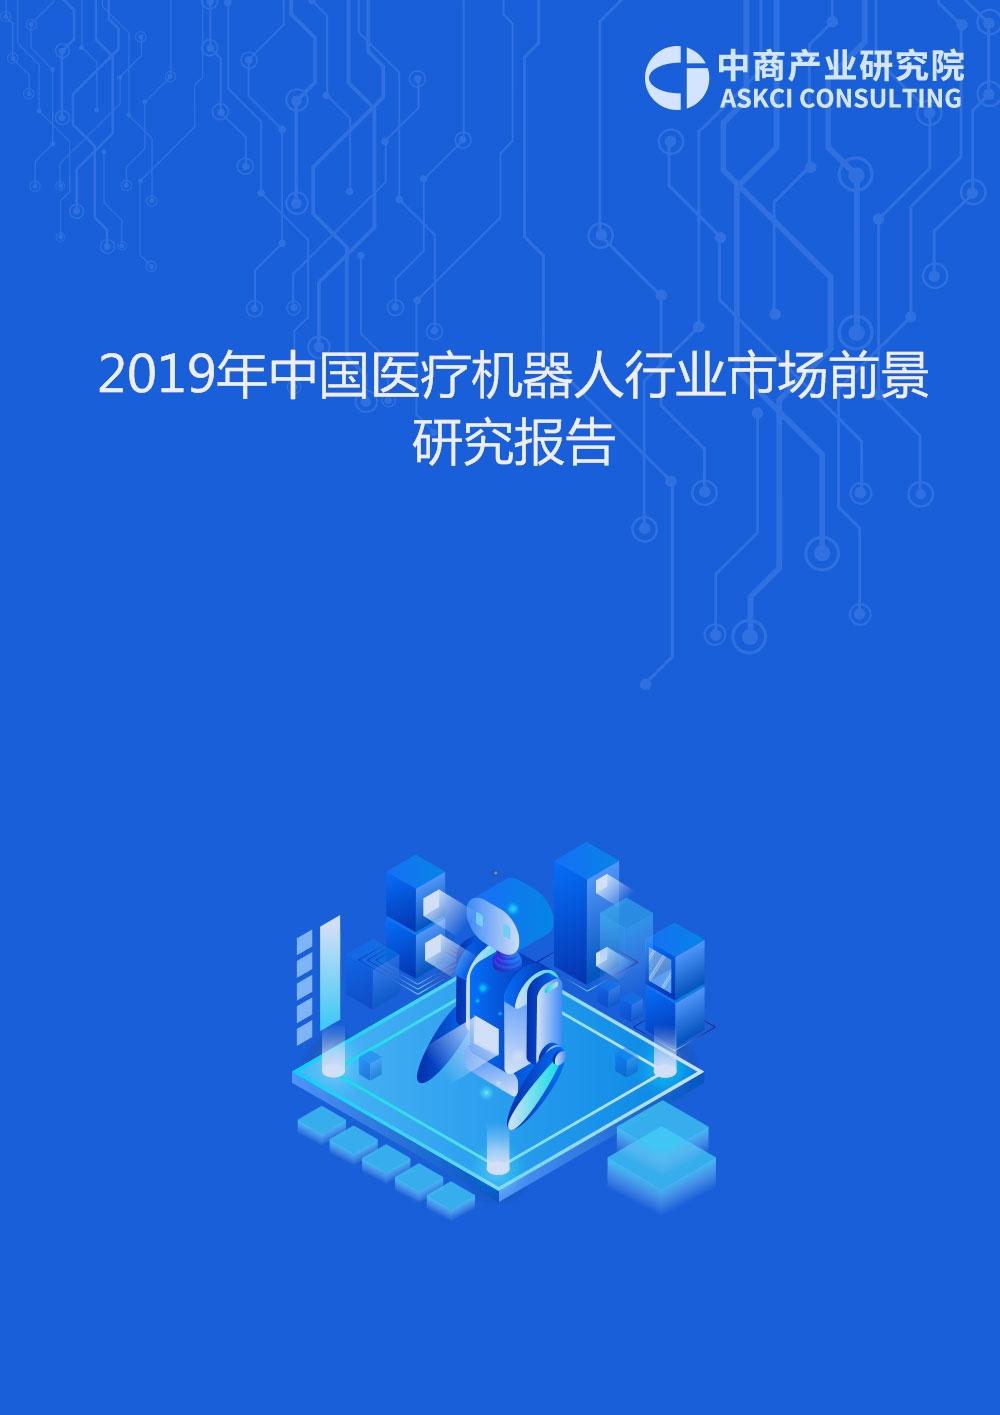 2019年中国医疗机器人行业市场前景研究报告